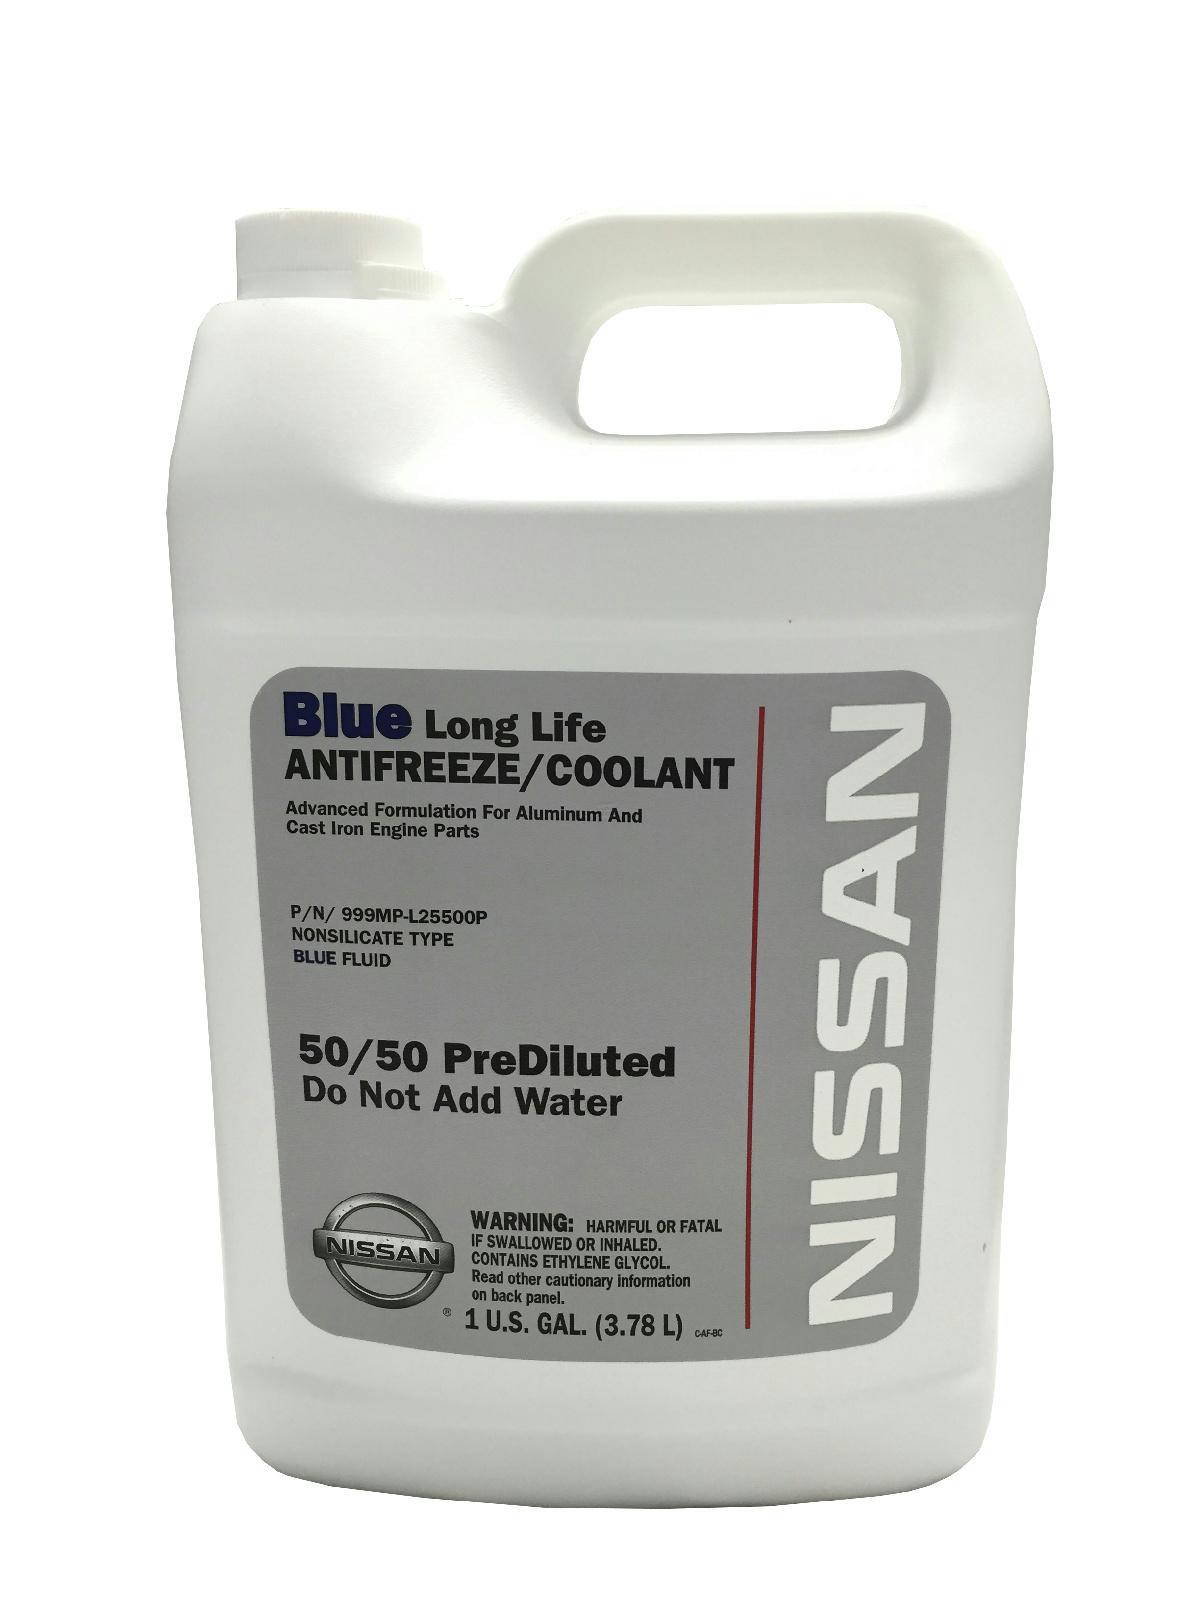 genuine nissan fluid 999mp l25500p blue long life antifreeze coolant 2006 Nissan Sentra Parts details about genuine nissan fluid 999mp l25500p blue long life antifreeze coolant 1 gallon